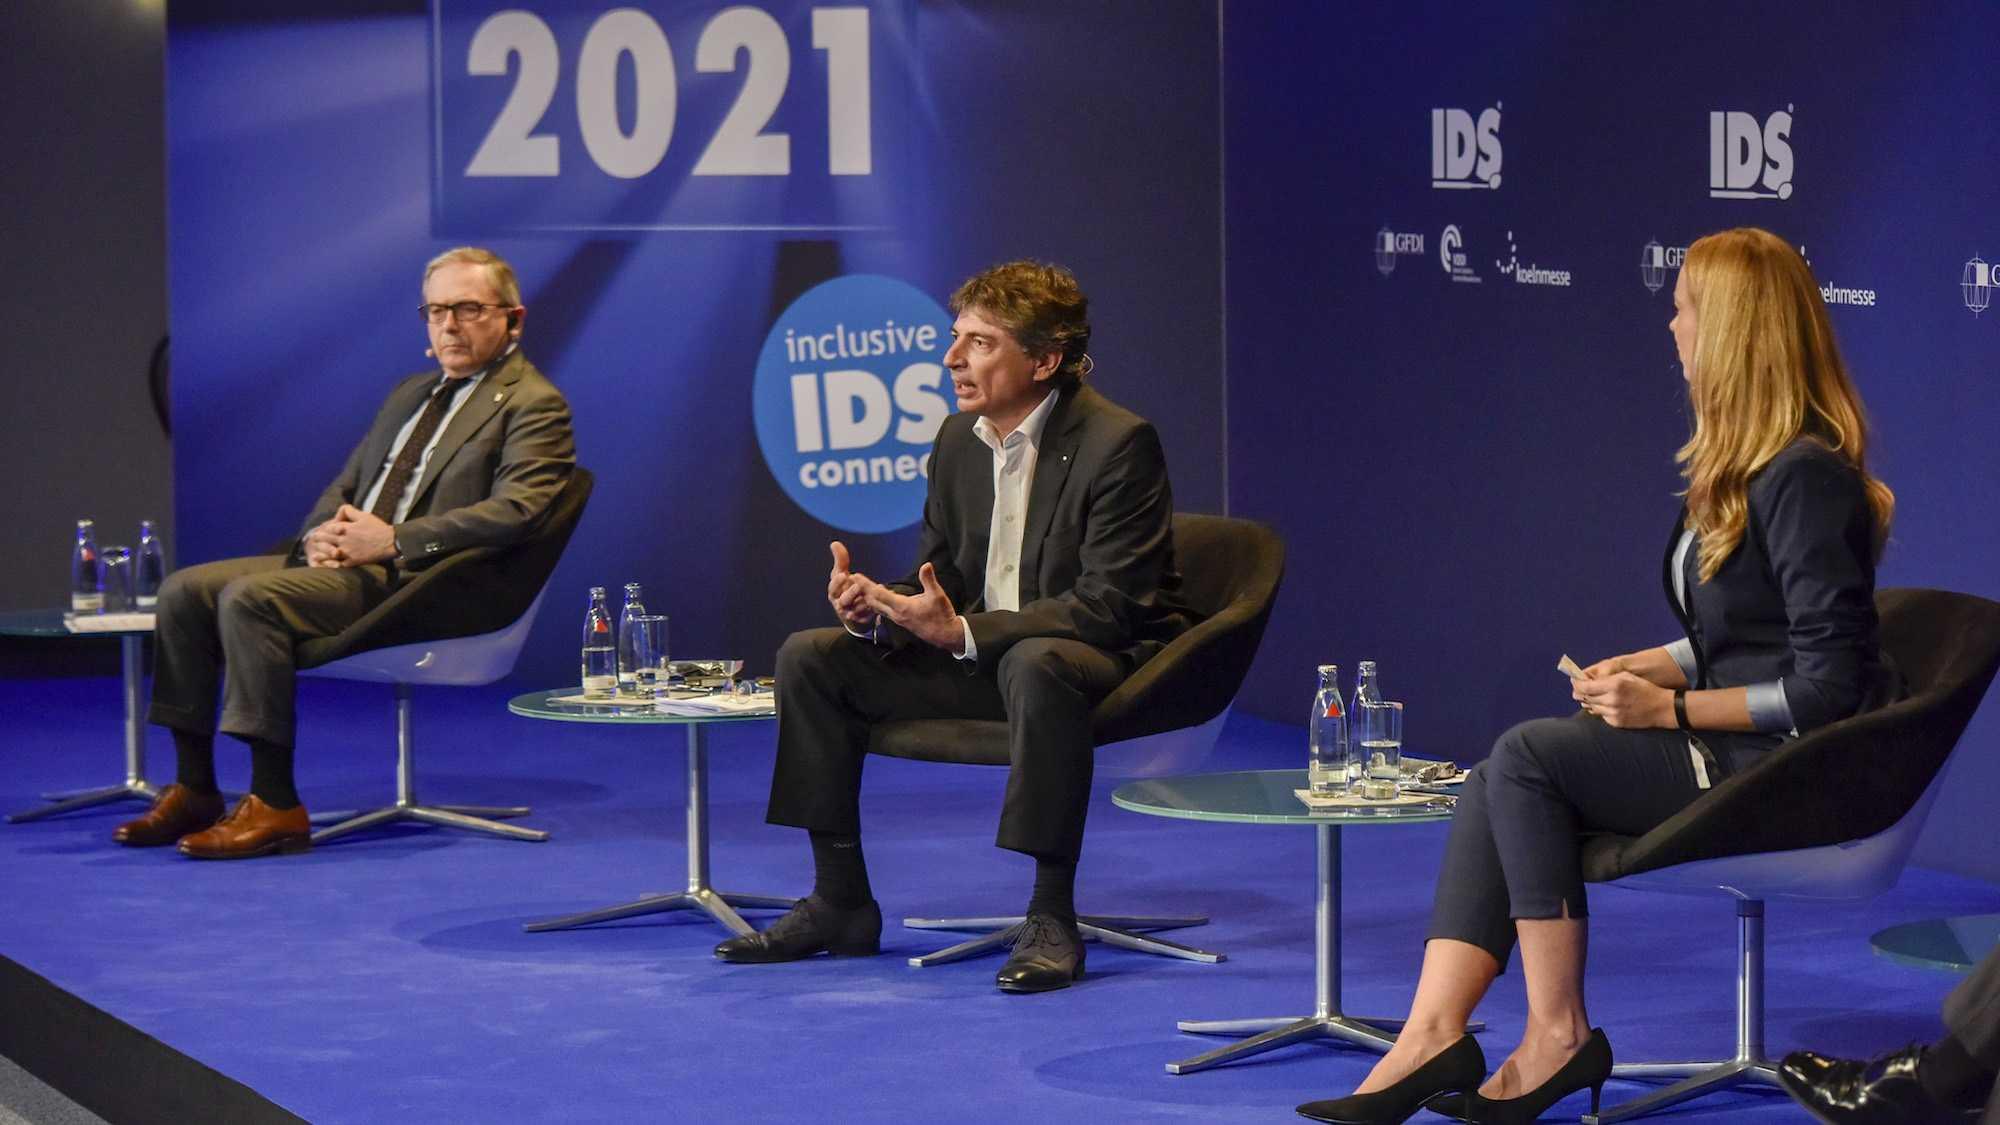 IDS 将为整个牙科行业照亮未来之路!